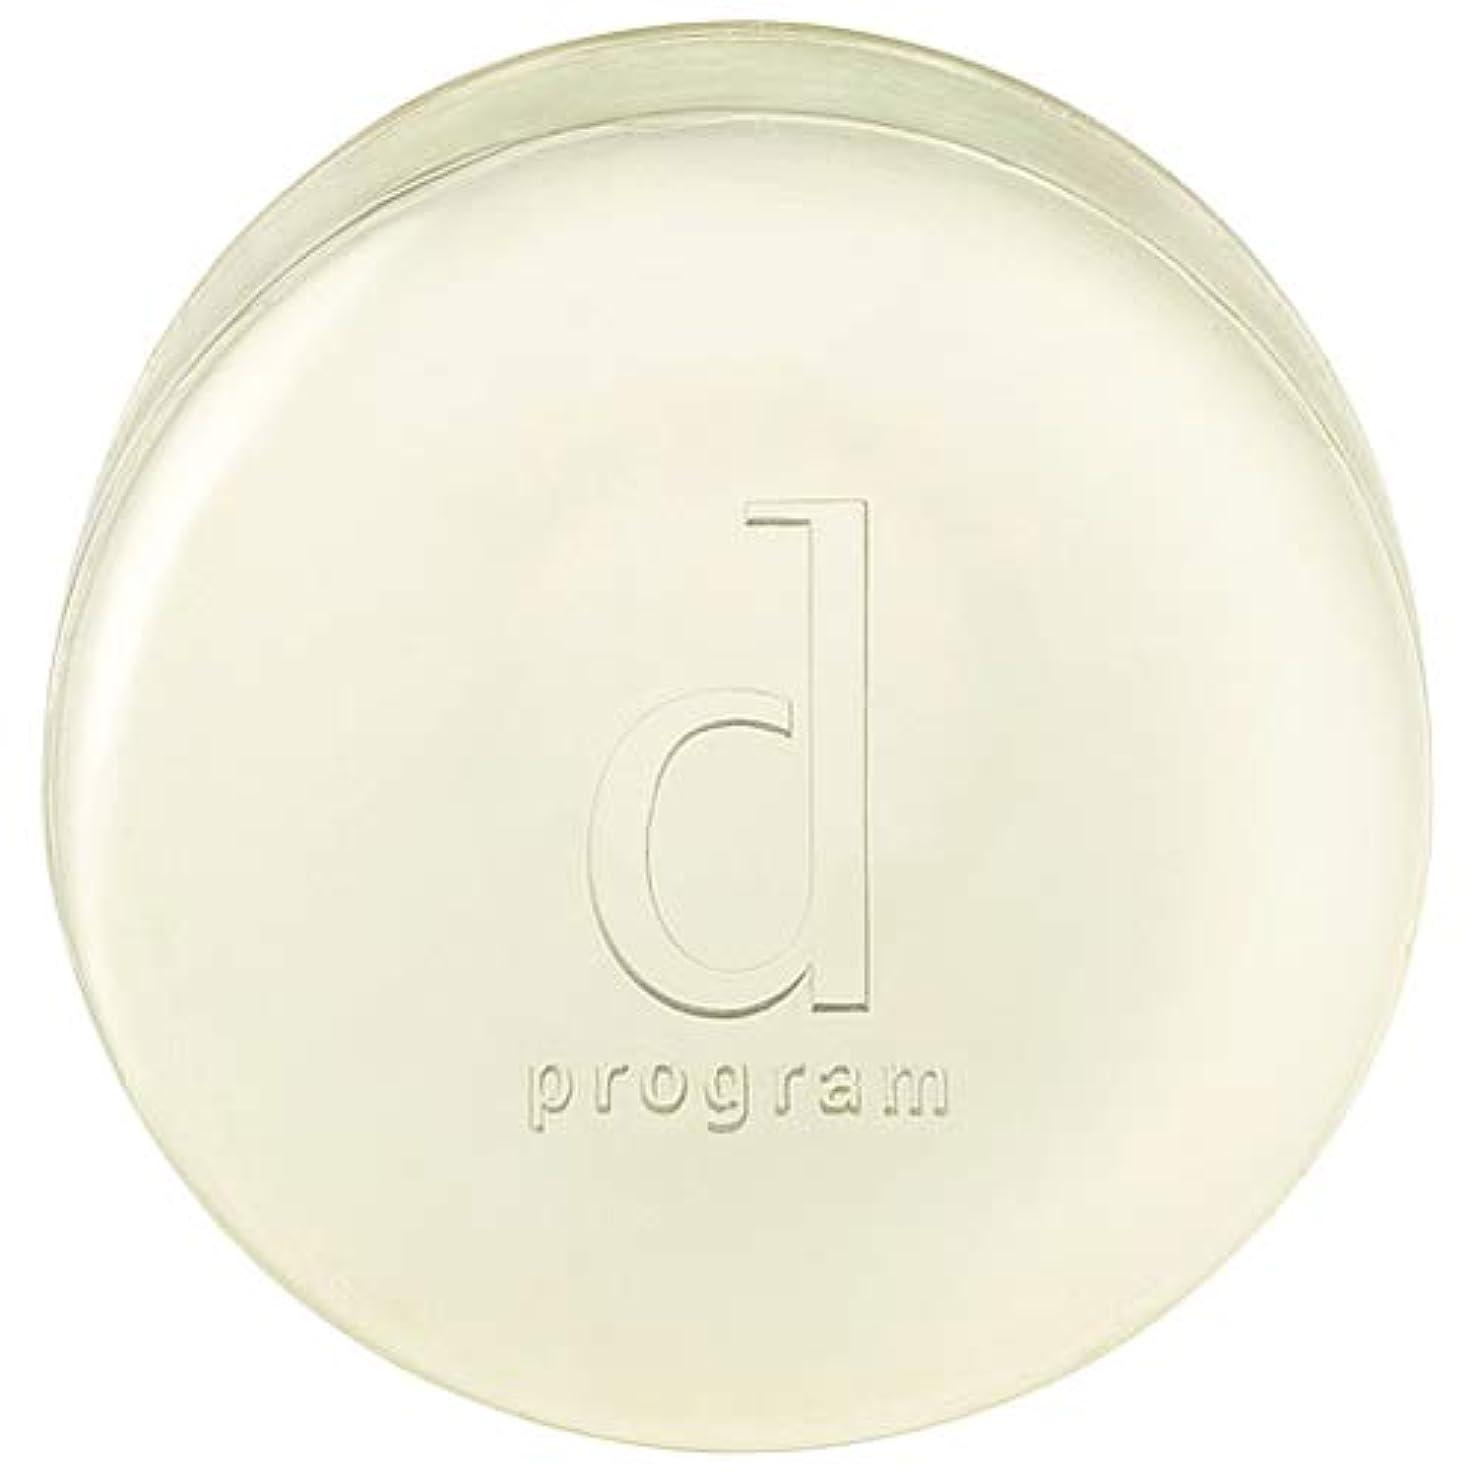 クロニクル牧師ネックレットd program 資生堂 コンディショニングソープ 100g [366202] [並行輸入品]